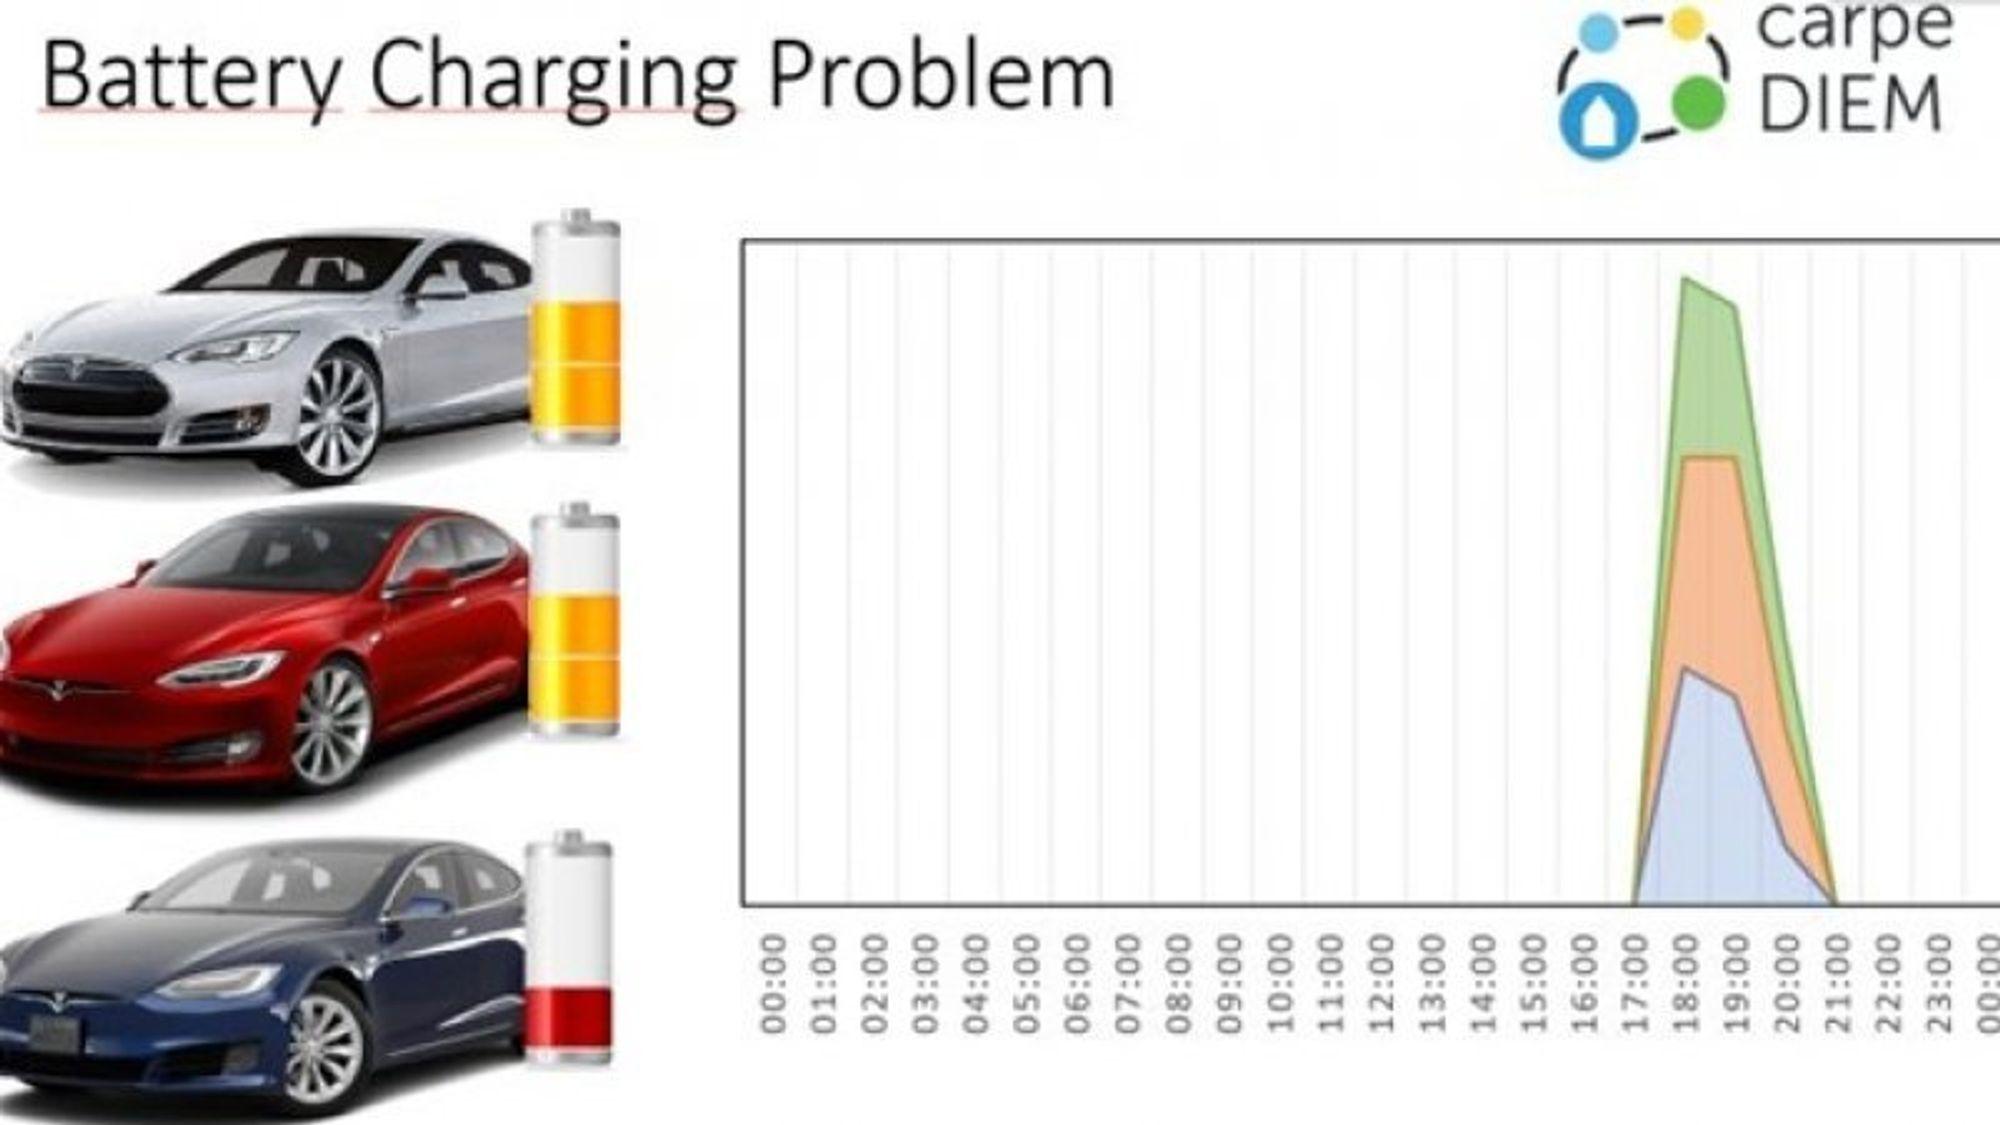 Hvis flere elektriske biler er koblet til på samme tid, blir belastningen av strømnettet svært stor. Det innebærer at store mengder energi må transporteres over lange avstander. Risikoen er at kabler i den tynne delen av nettet kan bli overbelastet.